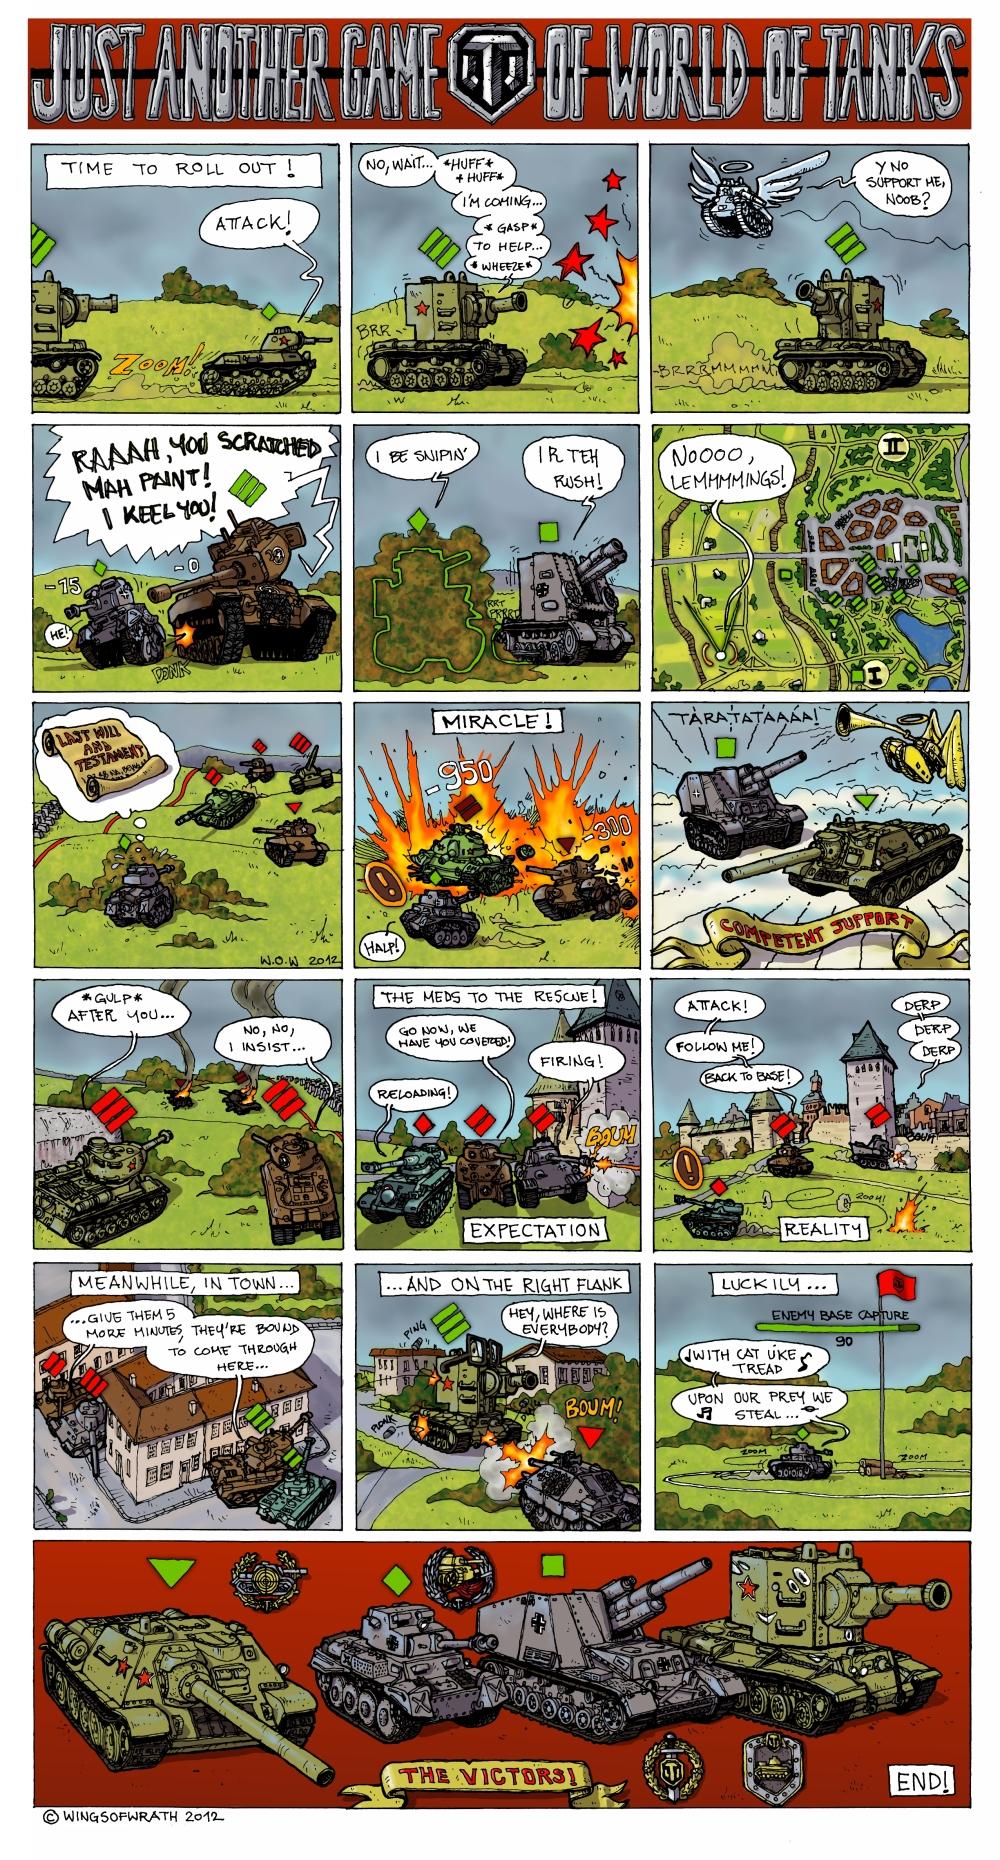 BD - Comics  Wot_contest_comic_by_wingsofwrath-d50kvk2